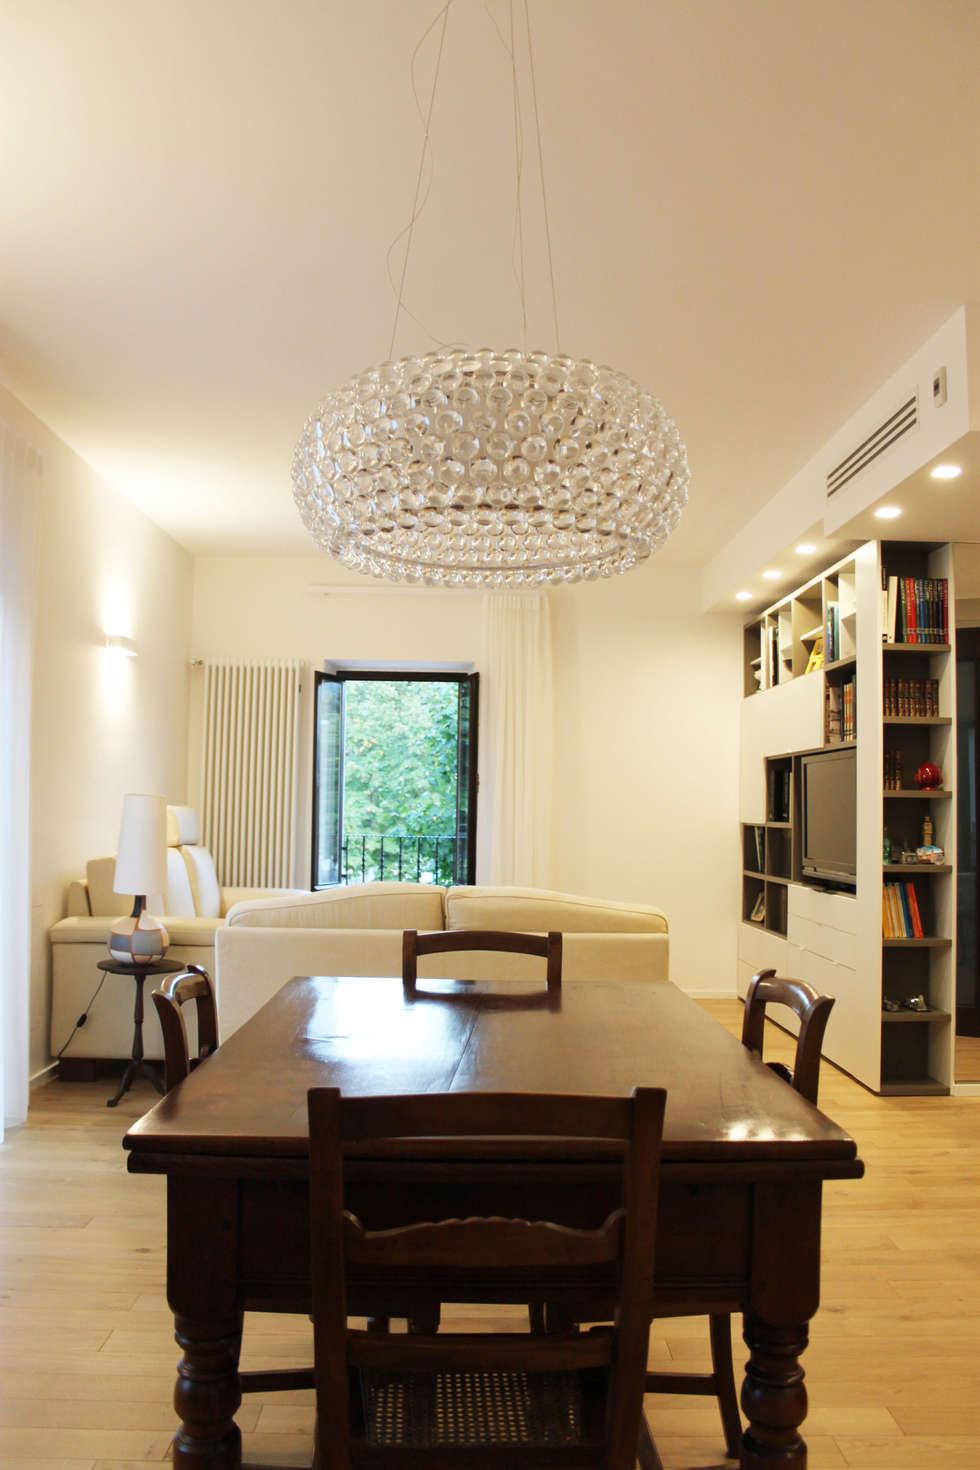 Ruang Keluarga by SuMisura